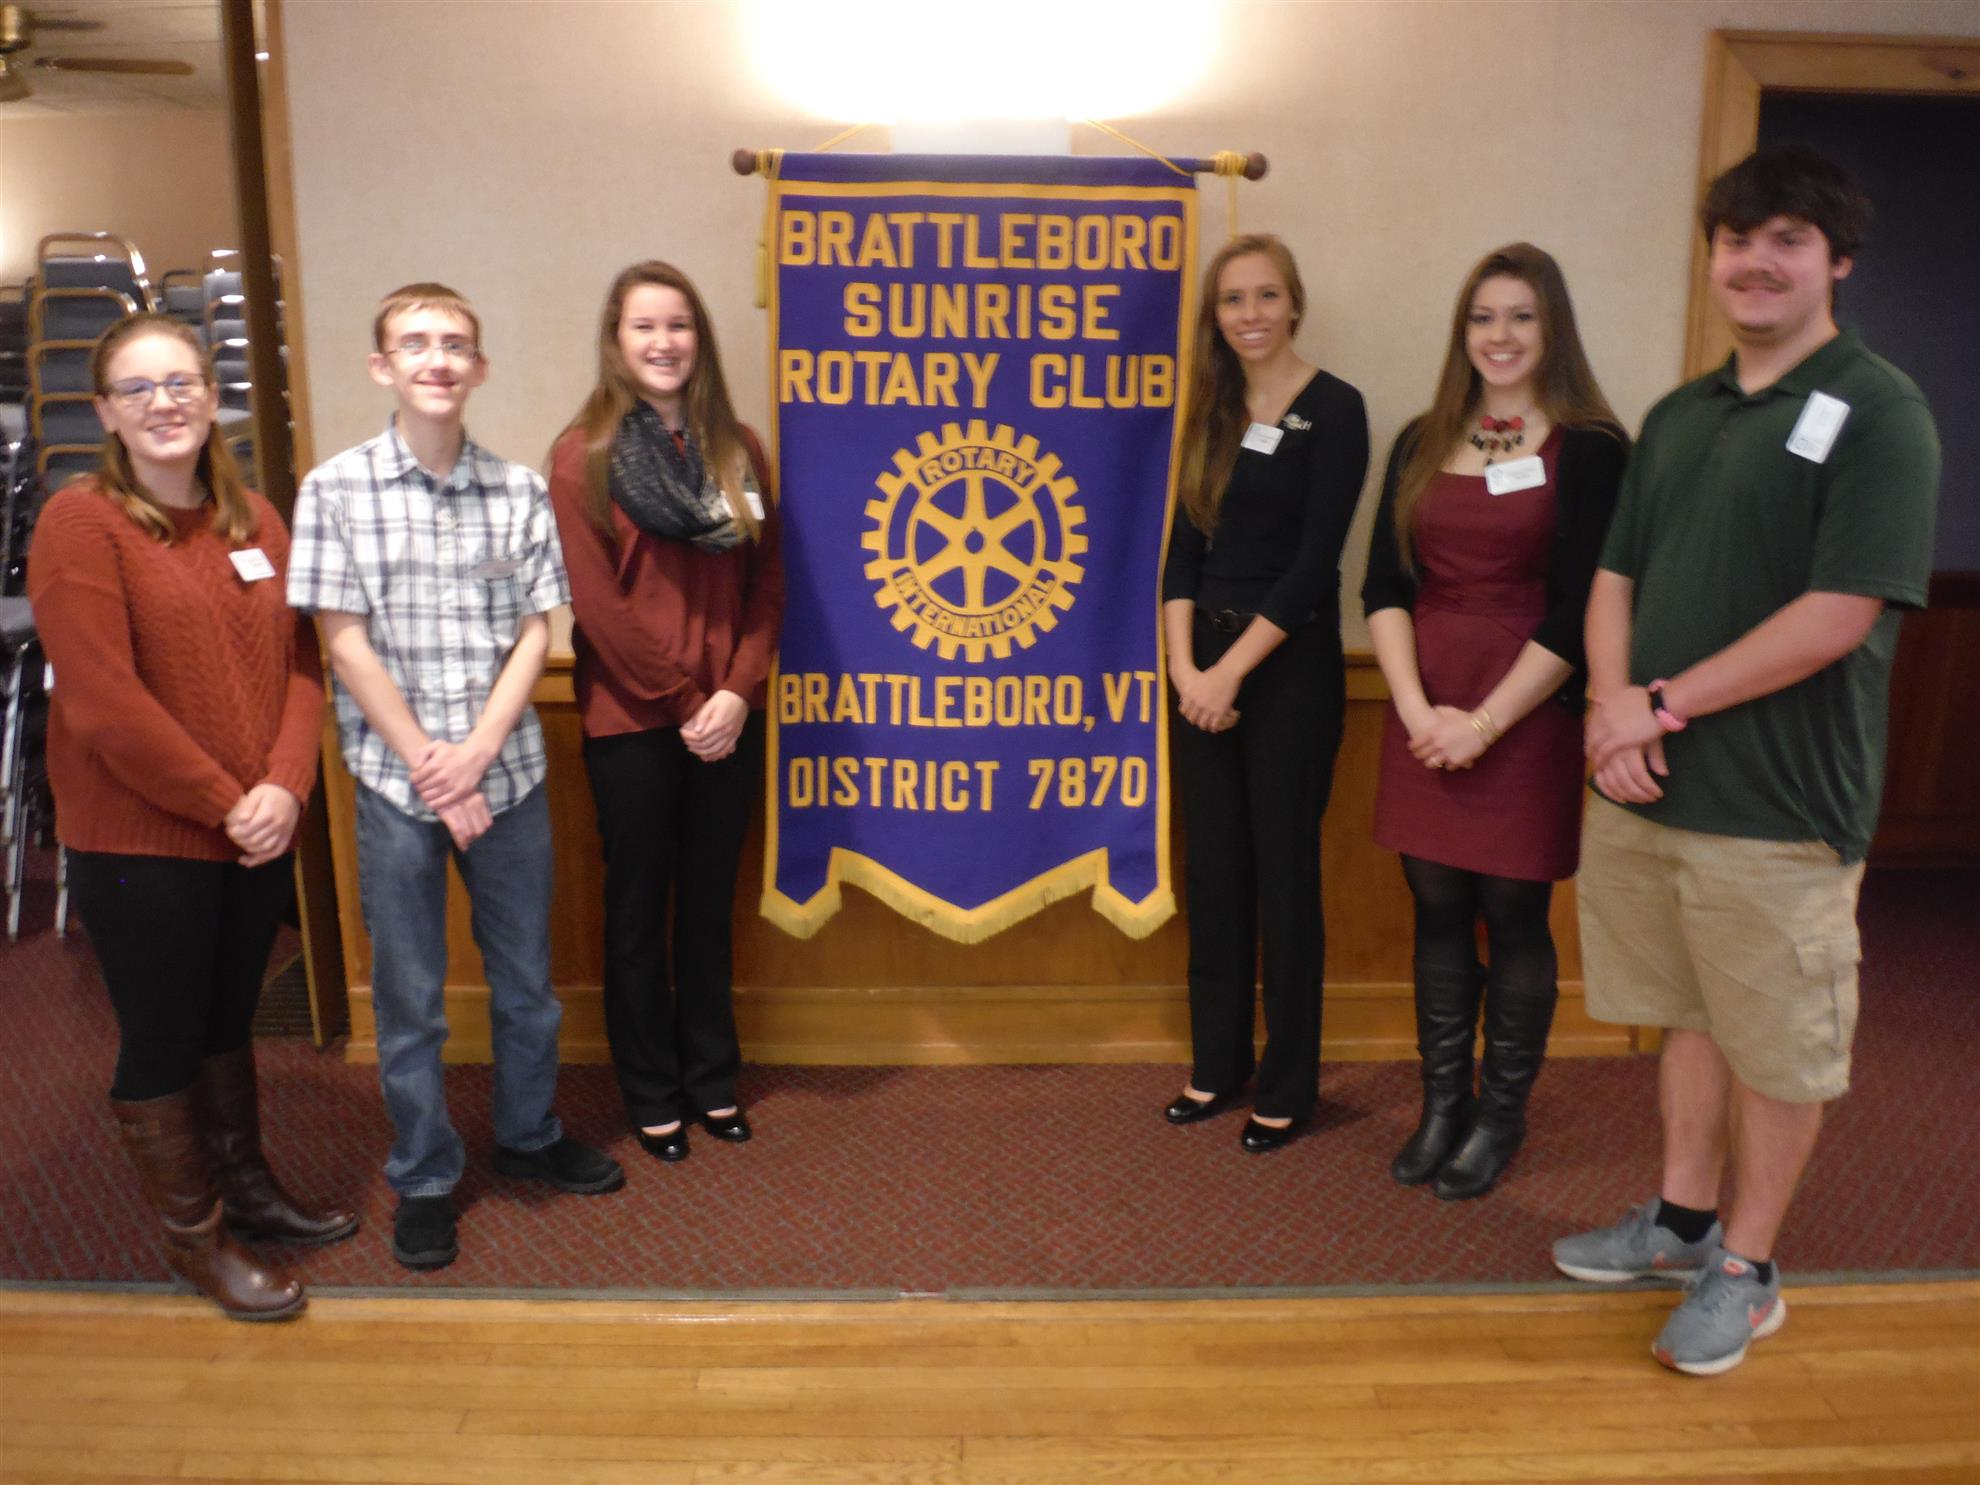 Stories Rotary Club of Brattleboro Sunrise